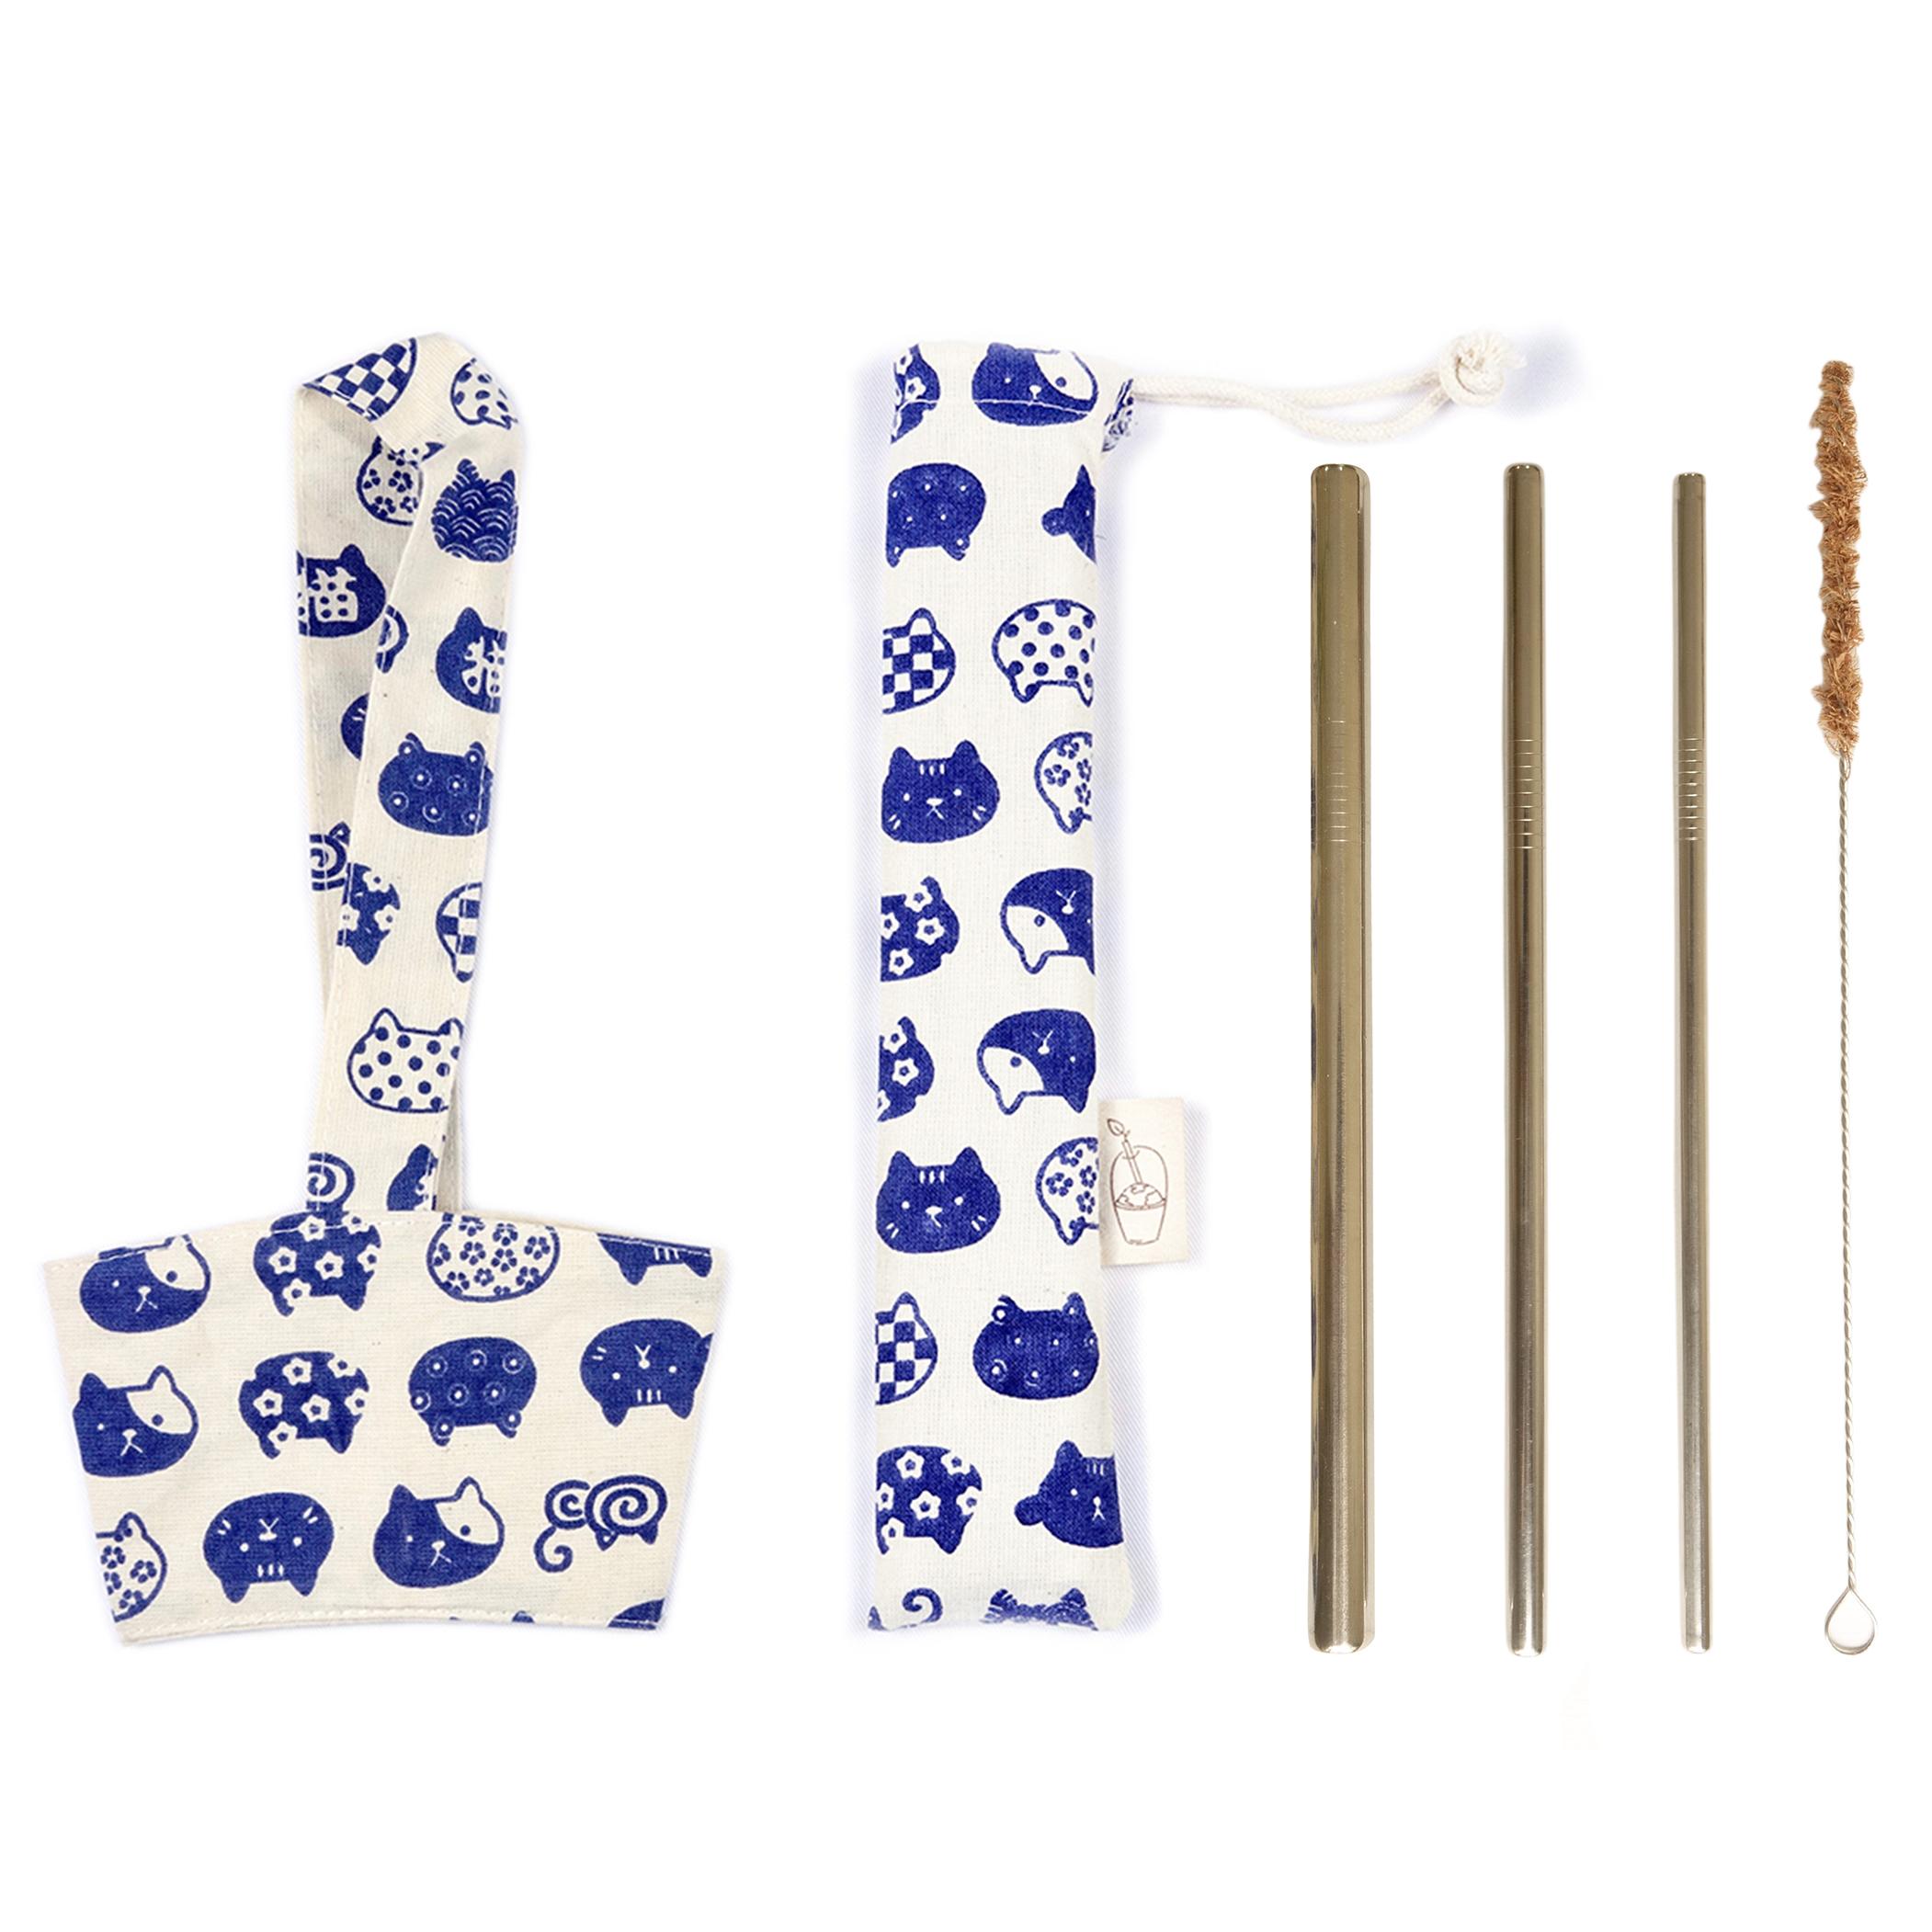 Combo Bộ 3 Ống hút kim loại Inox, Cọ rửa kim loại, Túi đựng + Quai vải đựng ly Mèo Xanh eco-friendly, thân thiện môi...